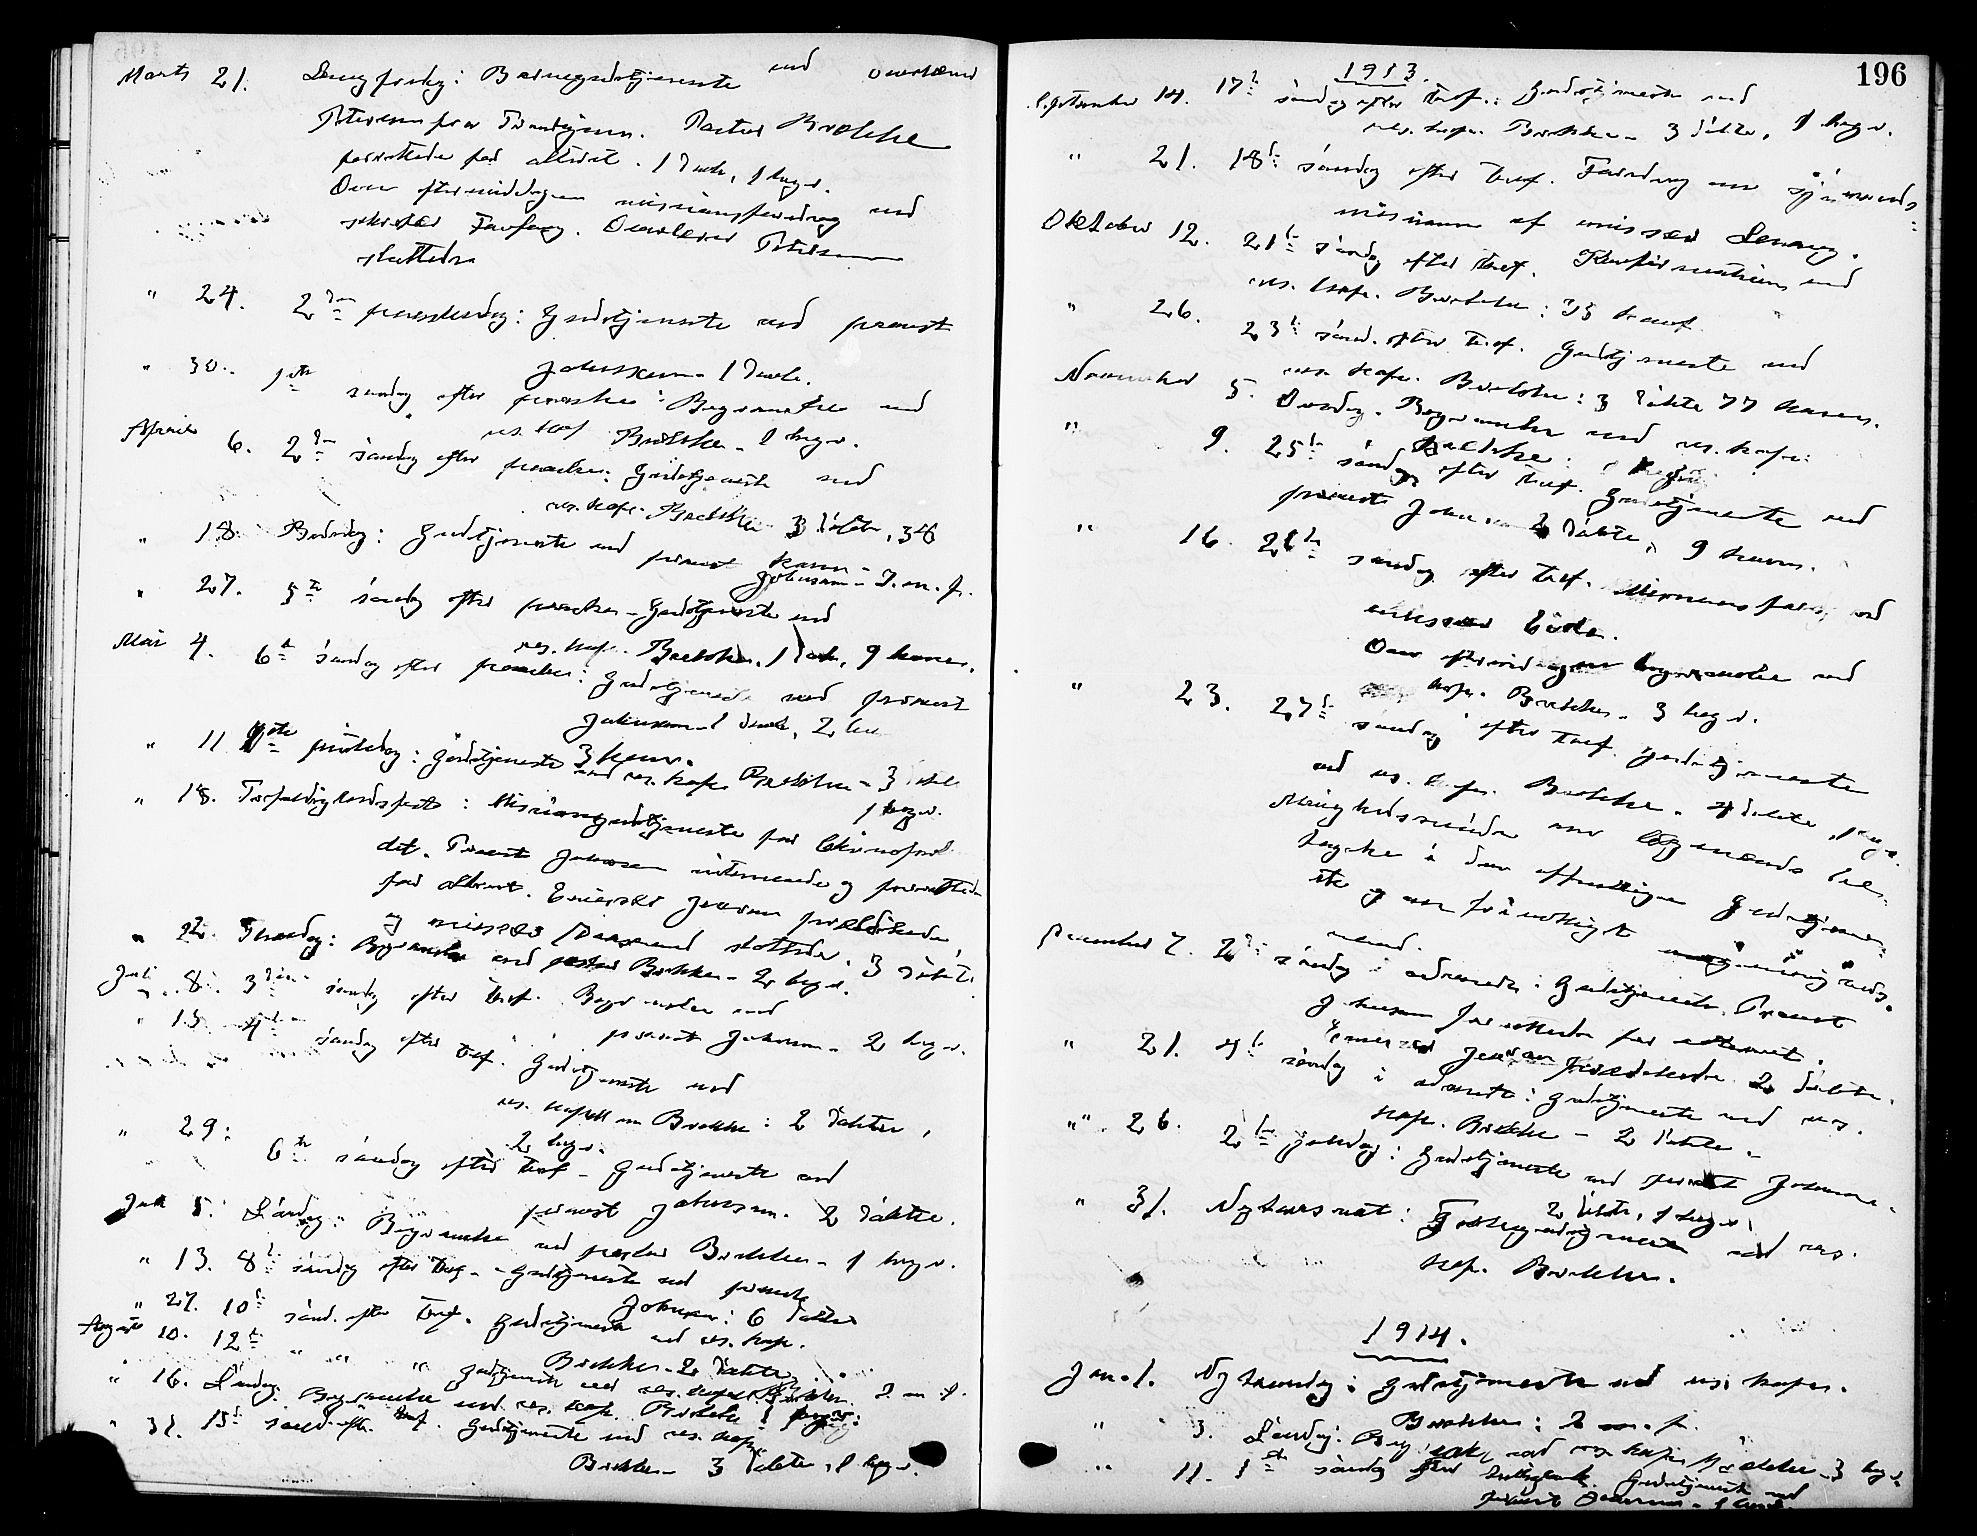 SAT, Ministerialprotokoller, klokkerbøker og fødselsregistre - Sør-Trøndelag, 669/L0831: Klokkerbok nr. 669C01, 1909-1924, s. 196